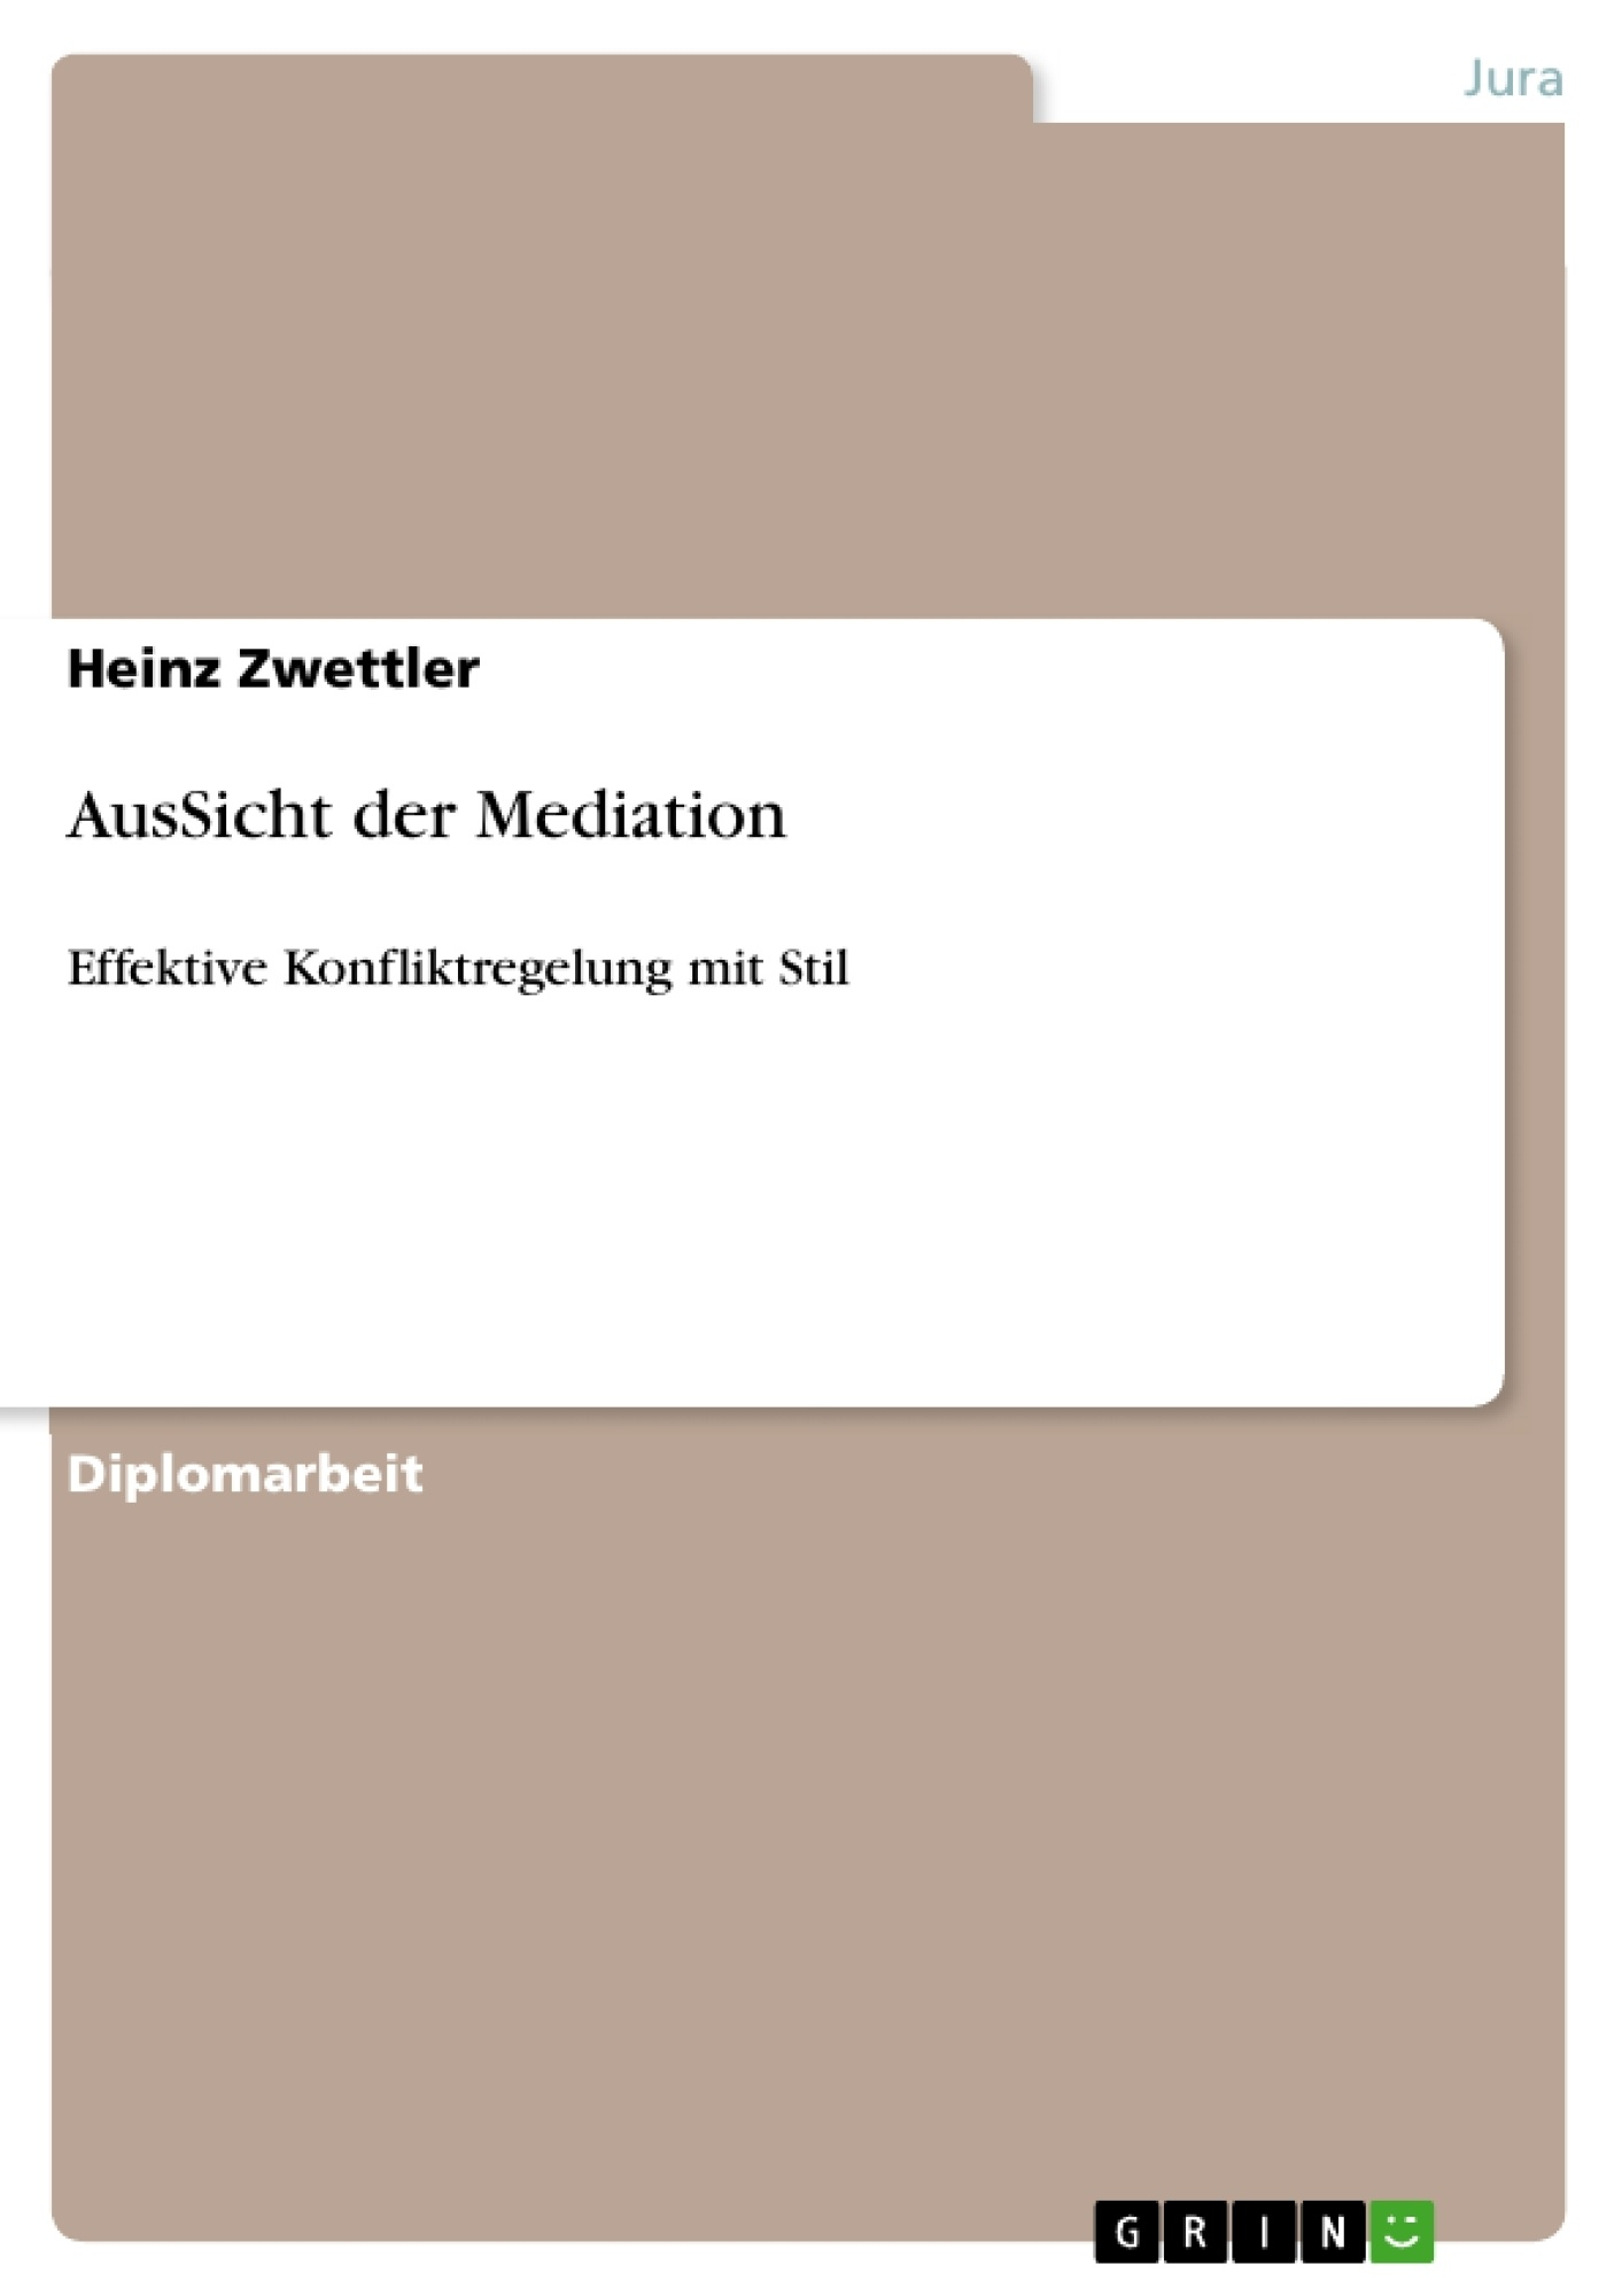 Titel: AusSicht der Mediation